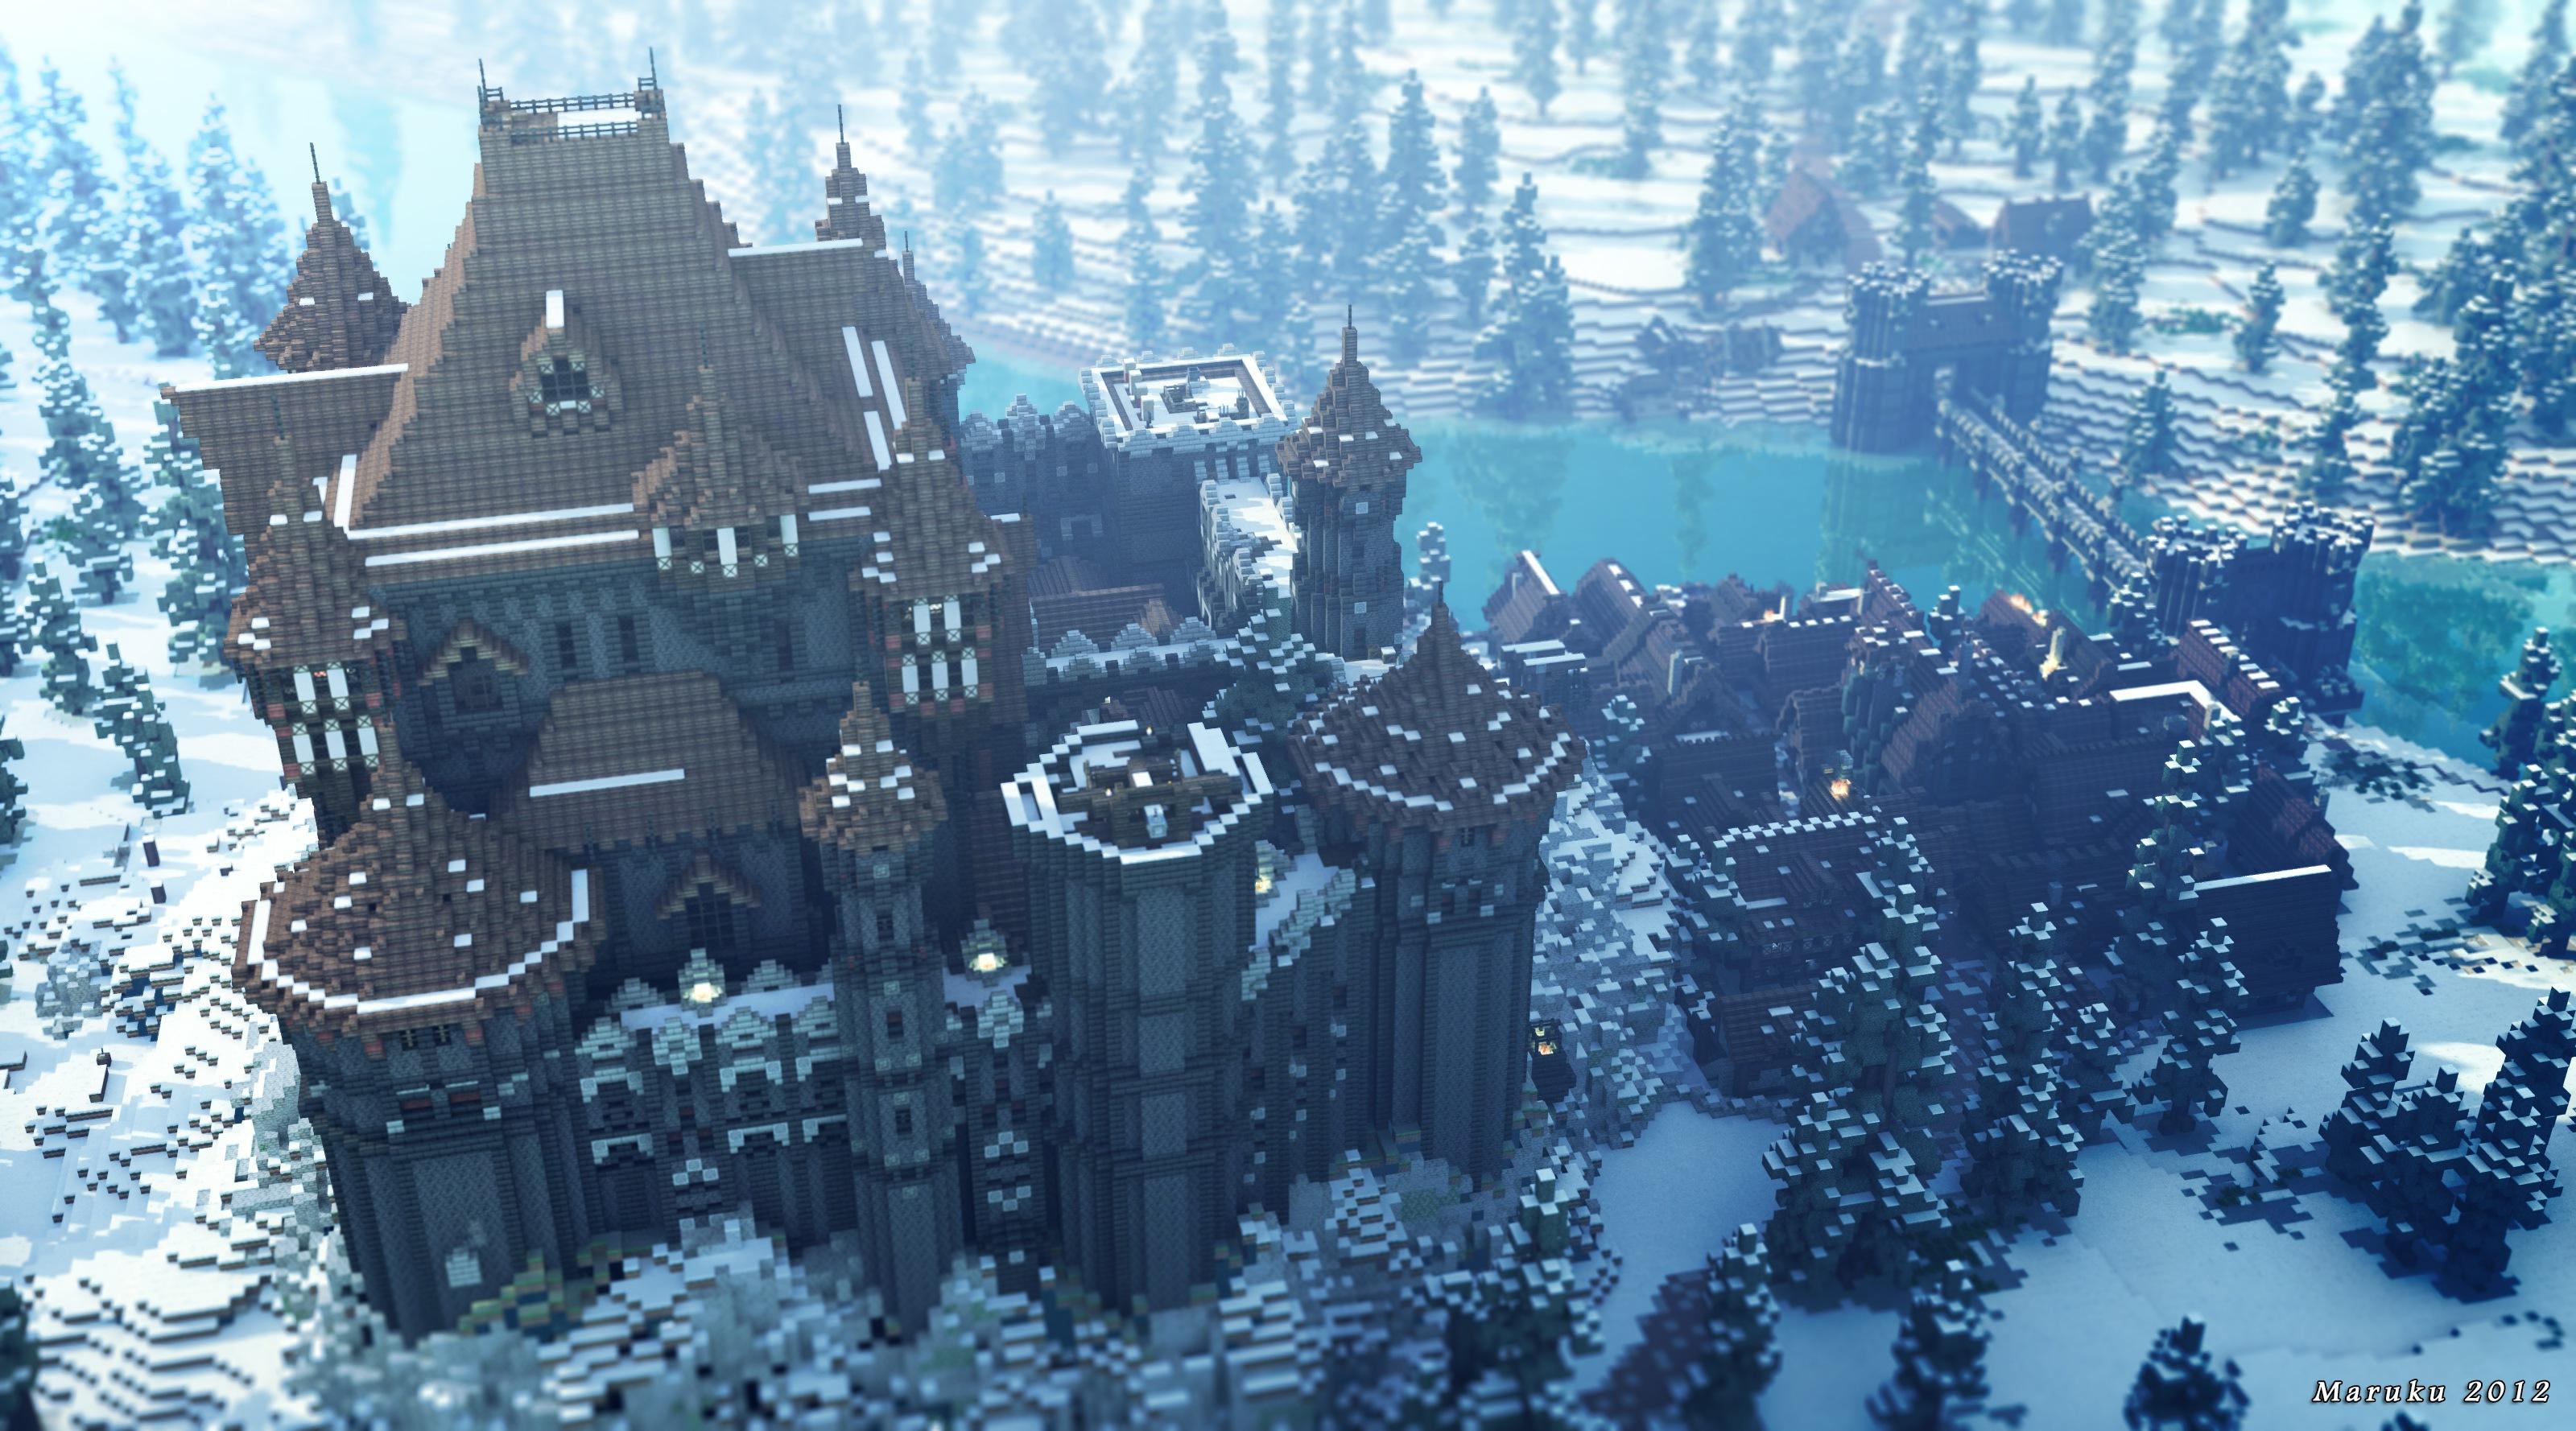 Dal Trono di spade a Minecraft